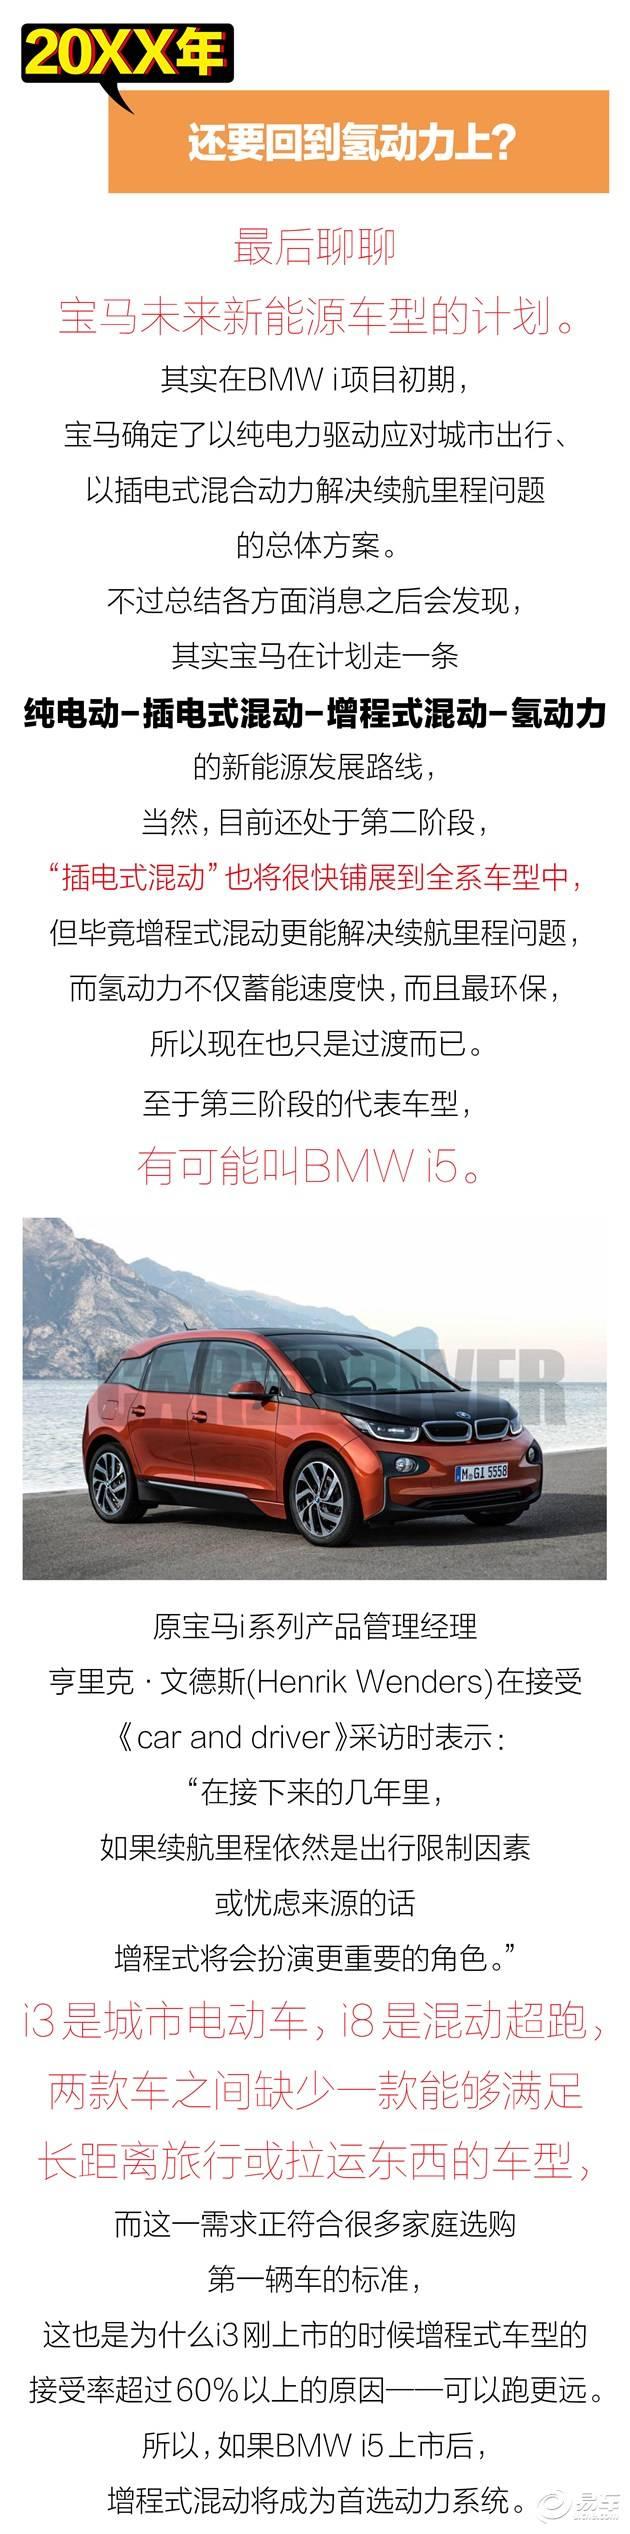 宝马i8报价及图片_i8/i3之后又有新车 最全宝马NEV计划_凤凰网汽车_凤凰网